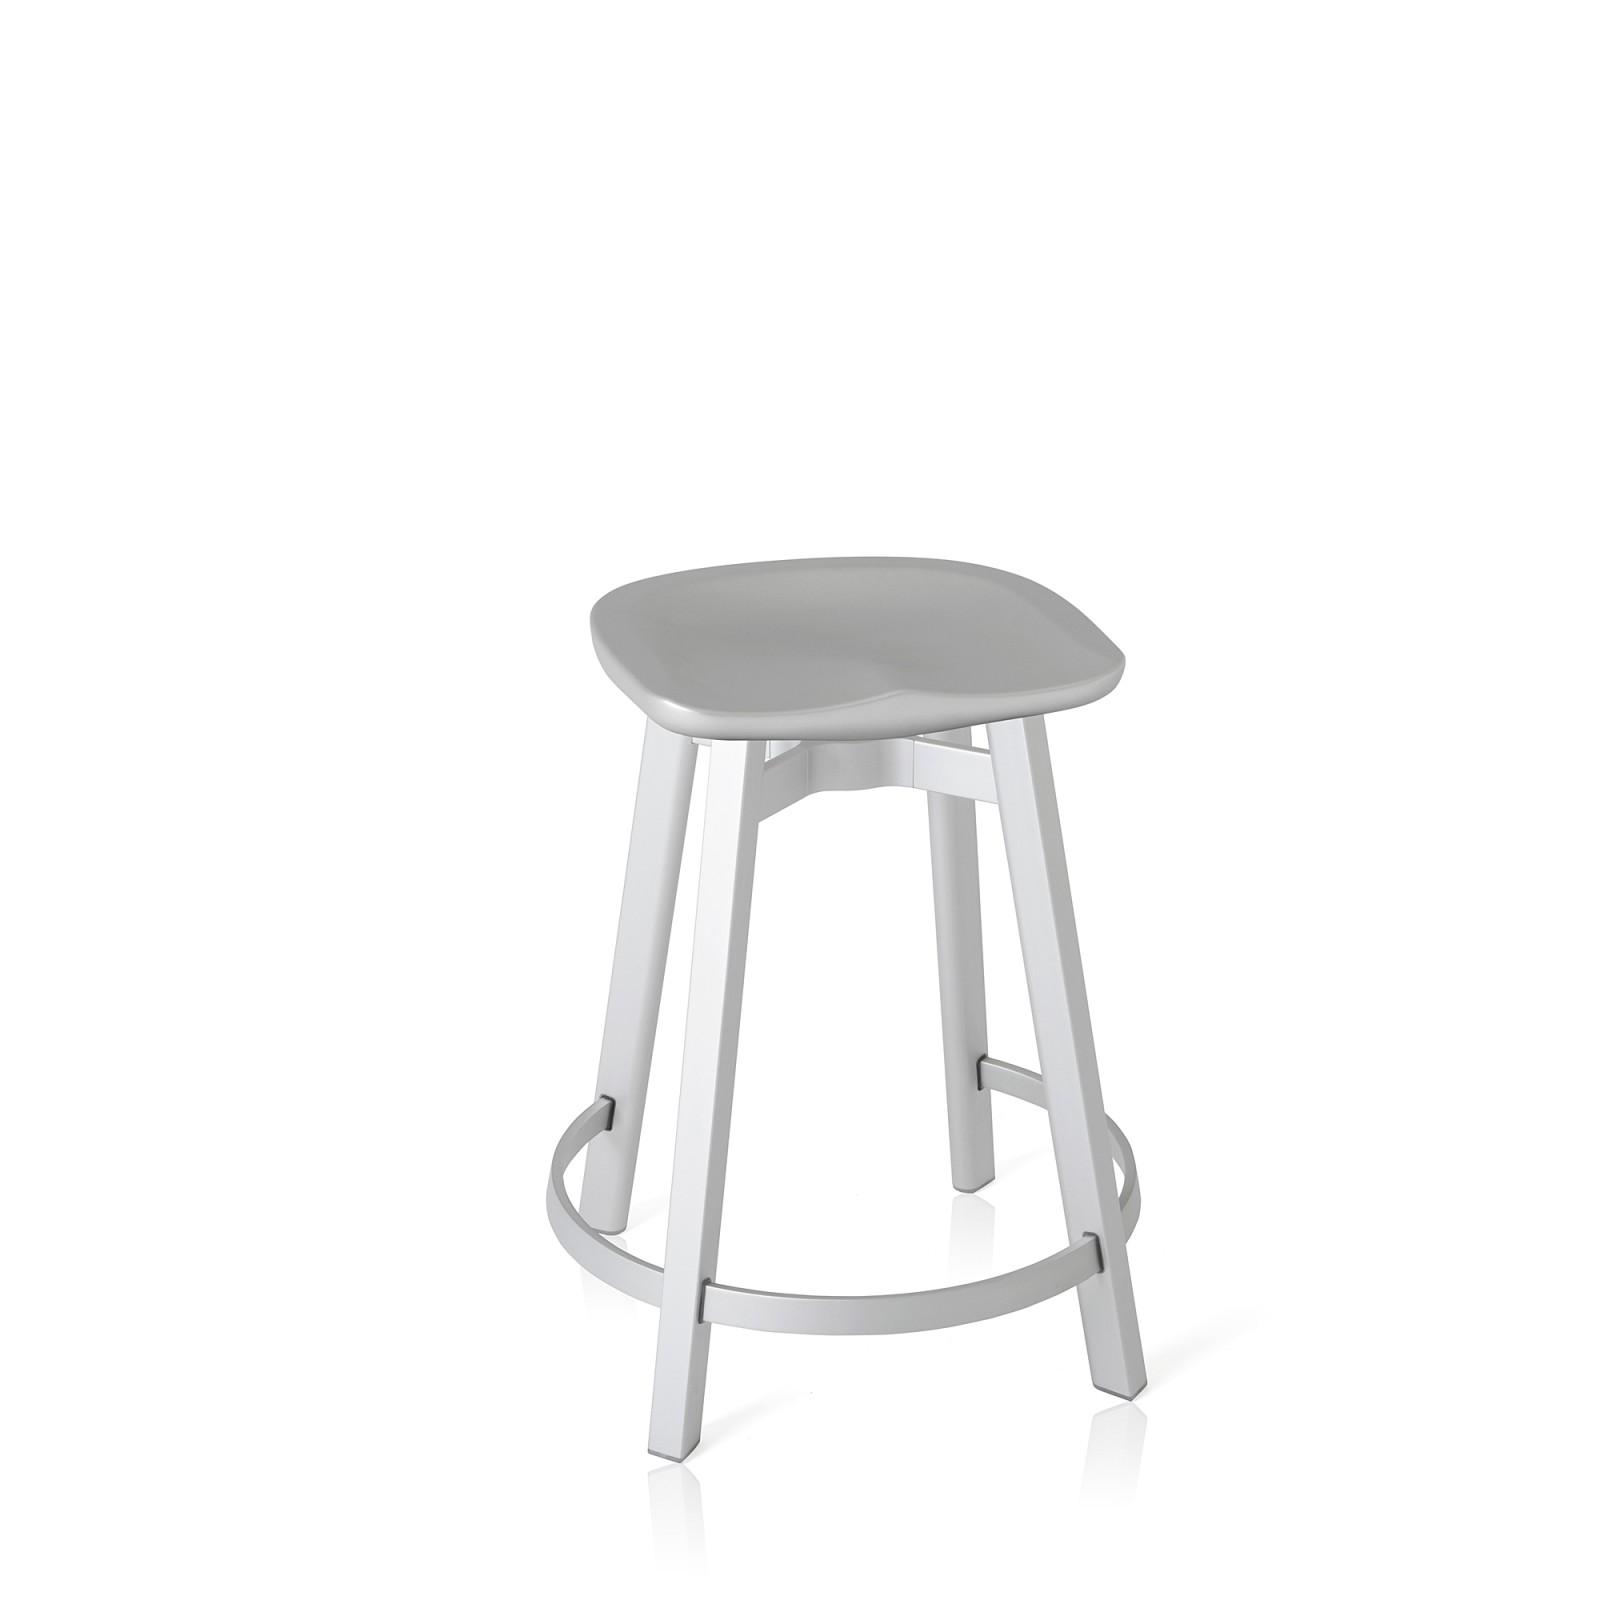 Su Counter Stool Aluminium, Concrete